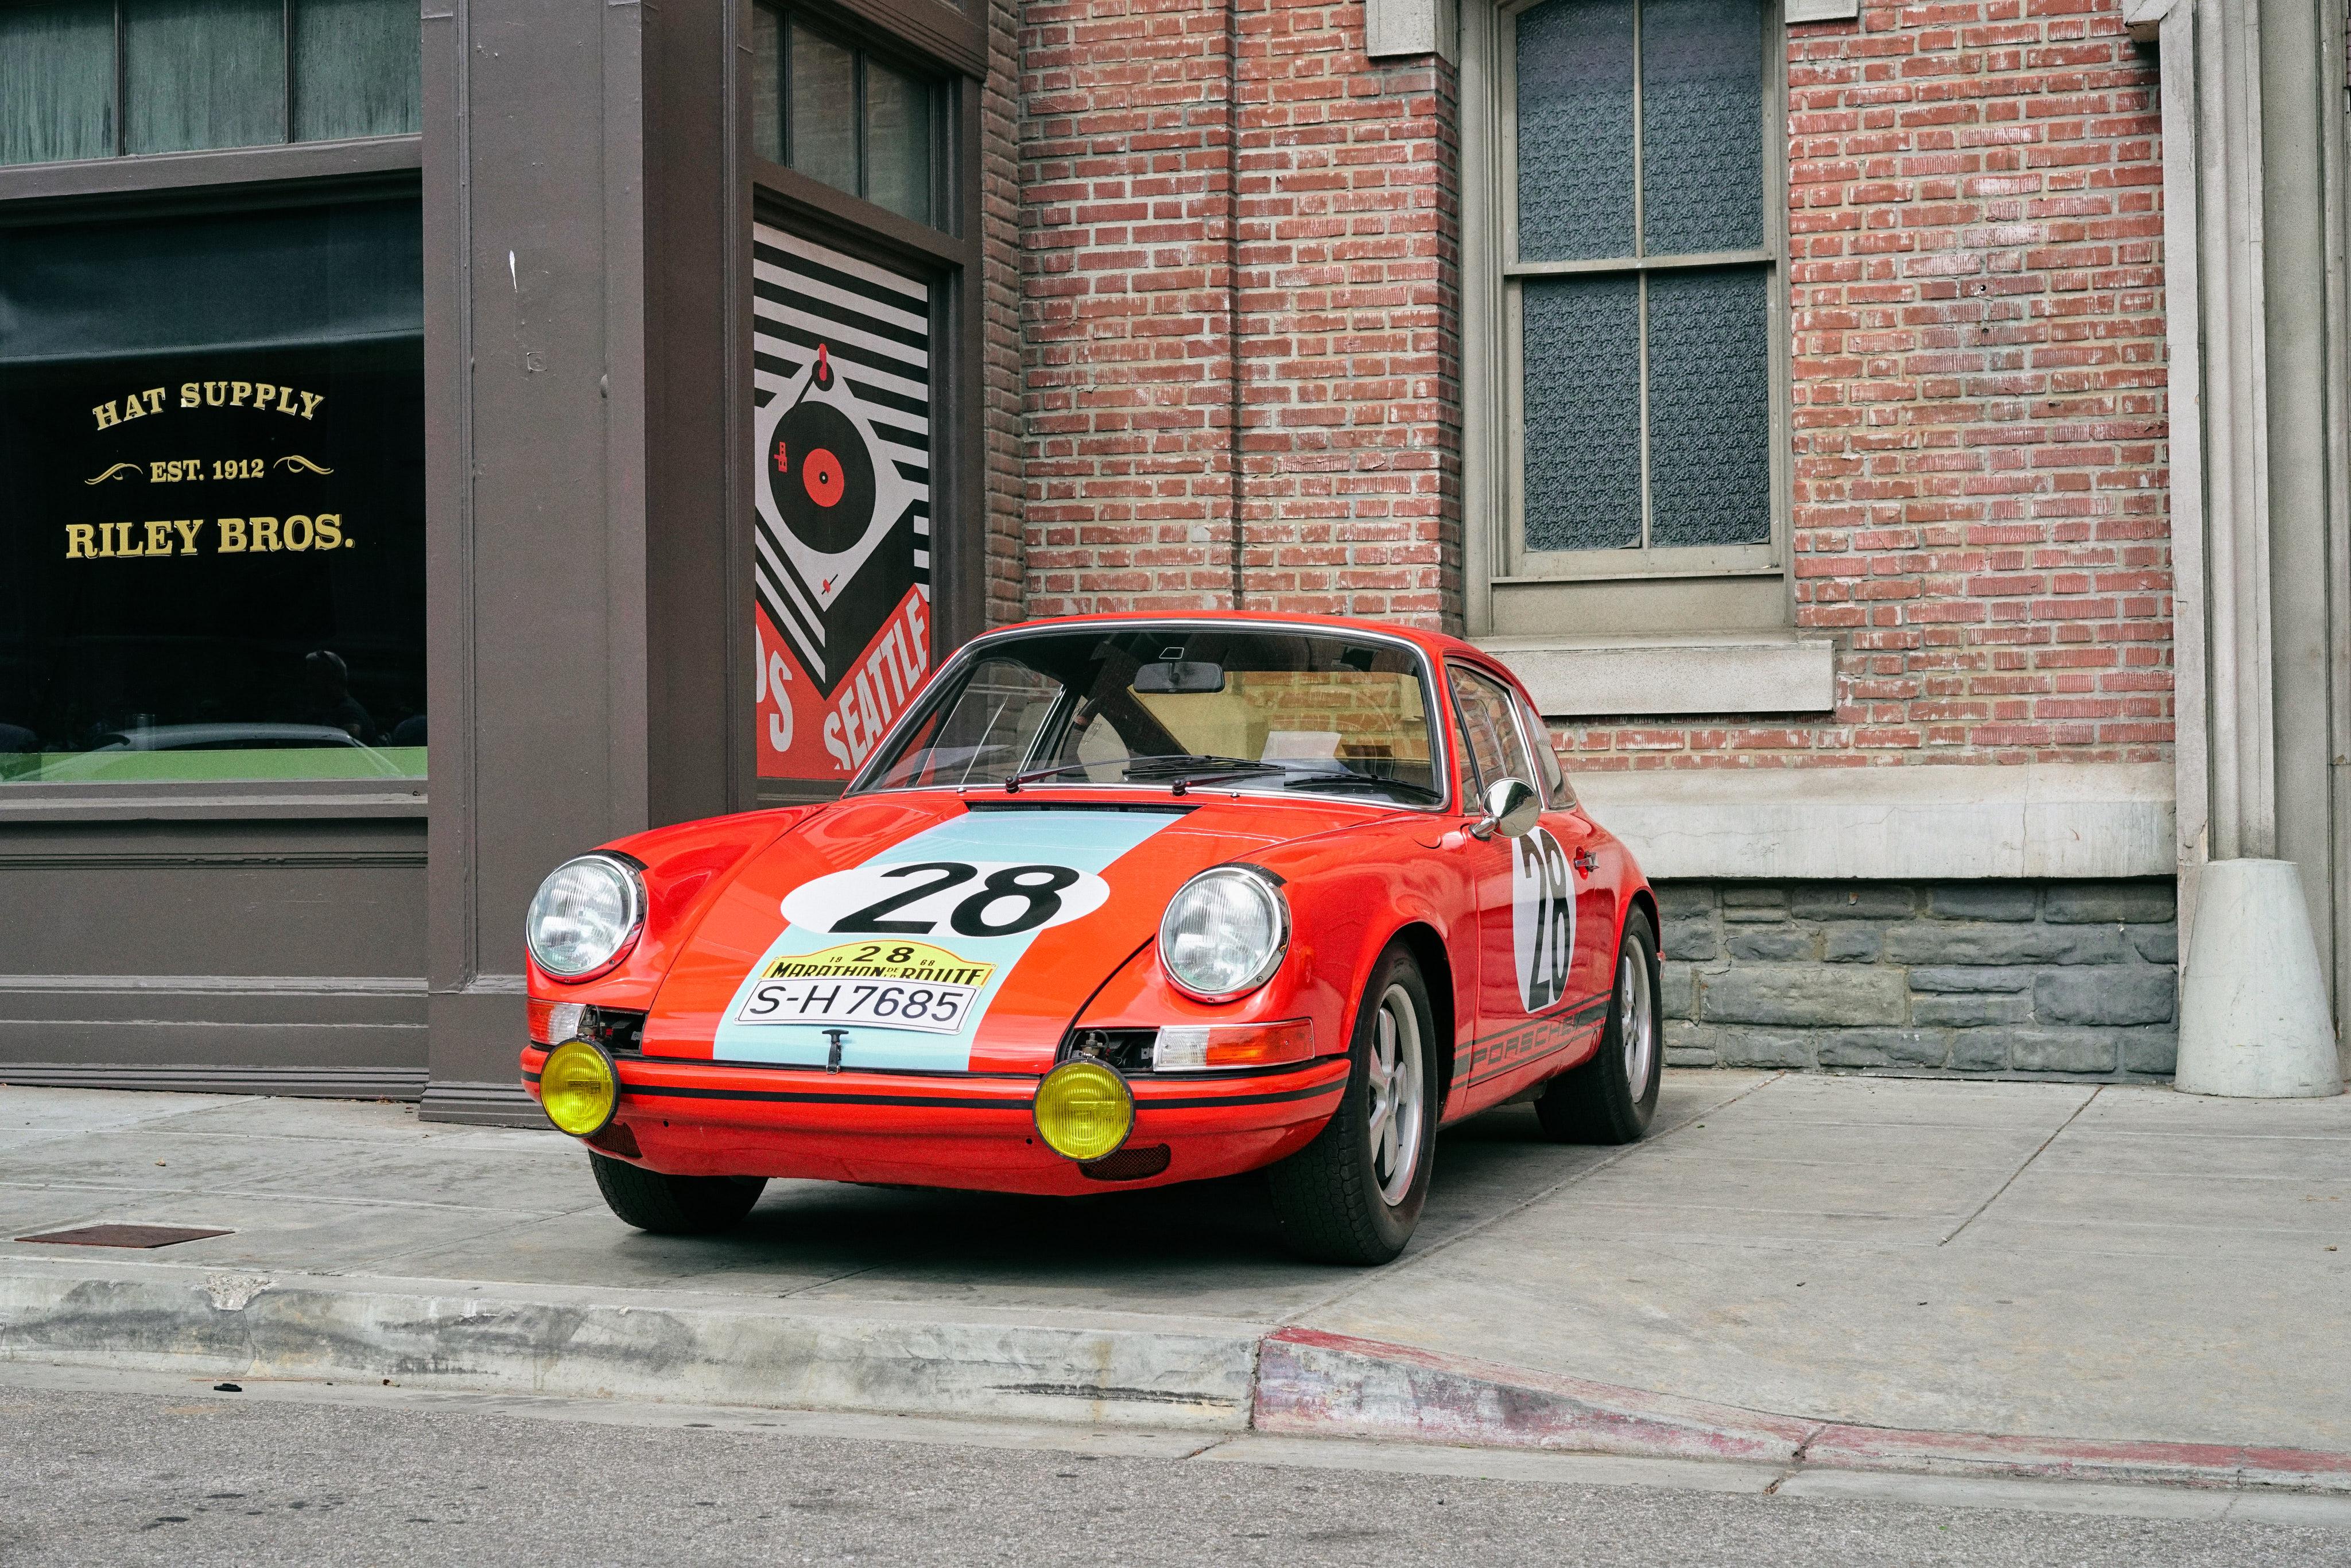 Luftgekühlt-6-Rennen-24-Porsche-911-28-Tangerine-Front